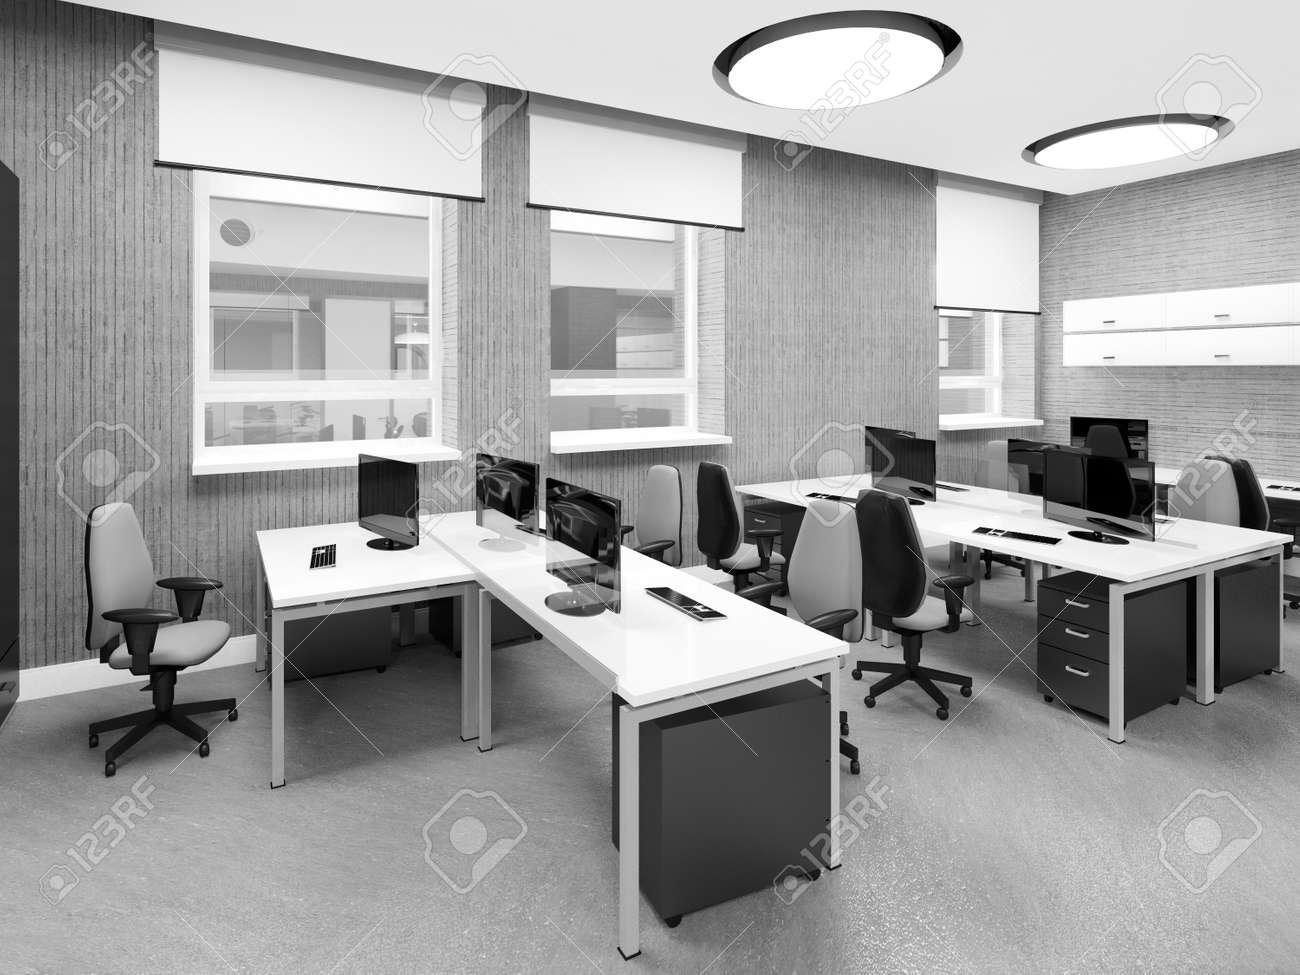 Leere Moderne Büro Interior Arbeitsplatz 3D-Darstellung Lizenzfreie ...